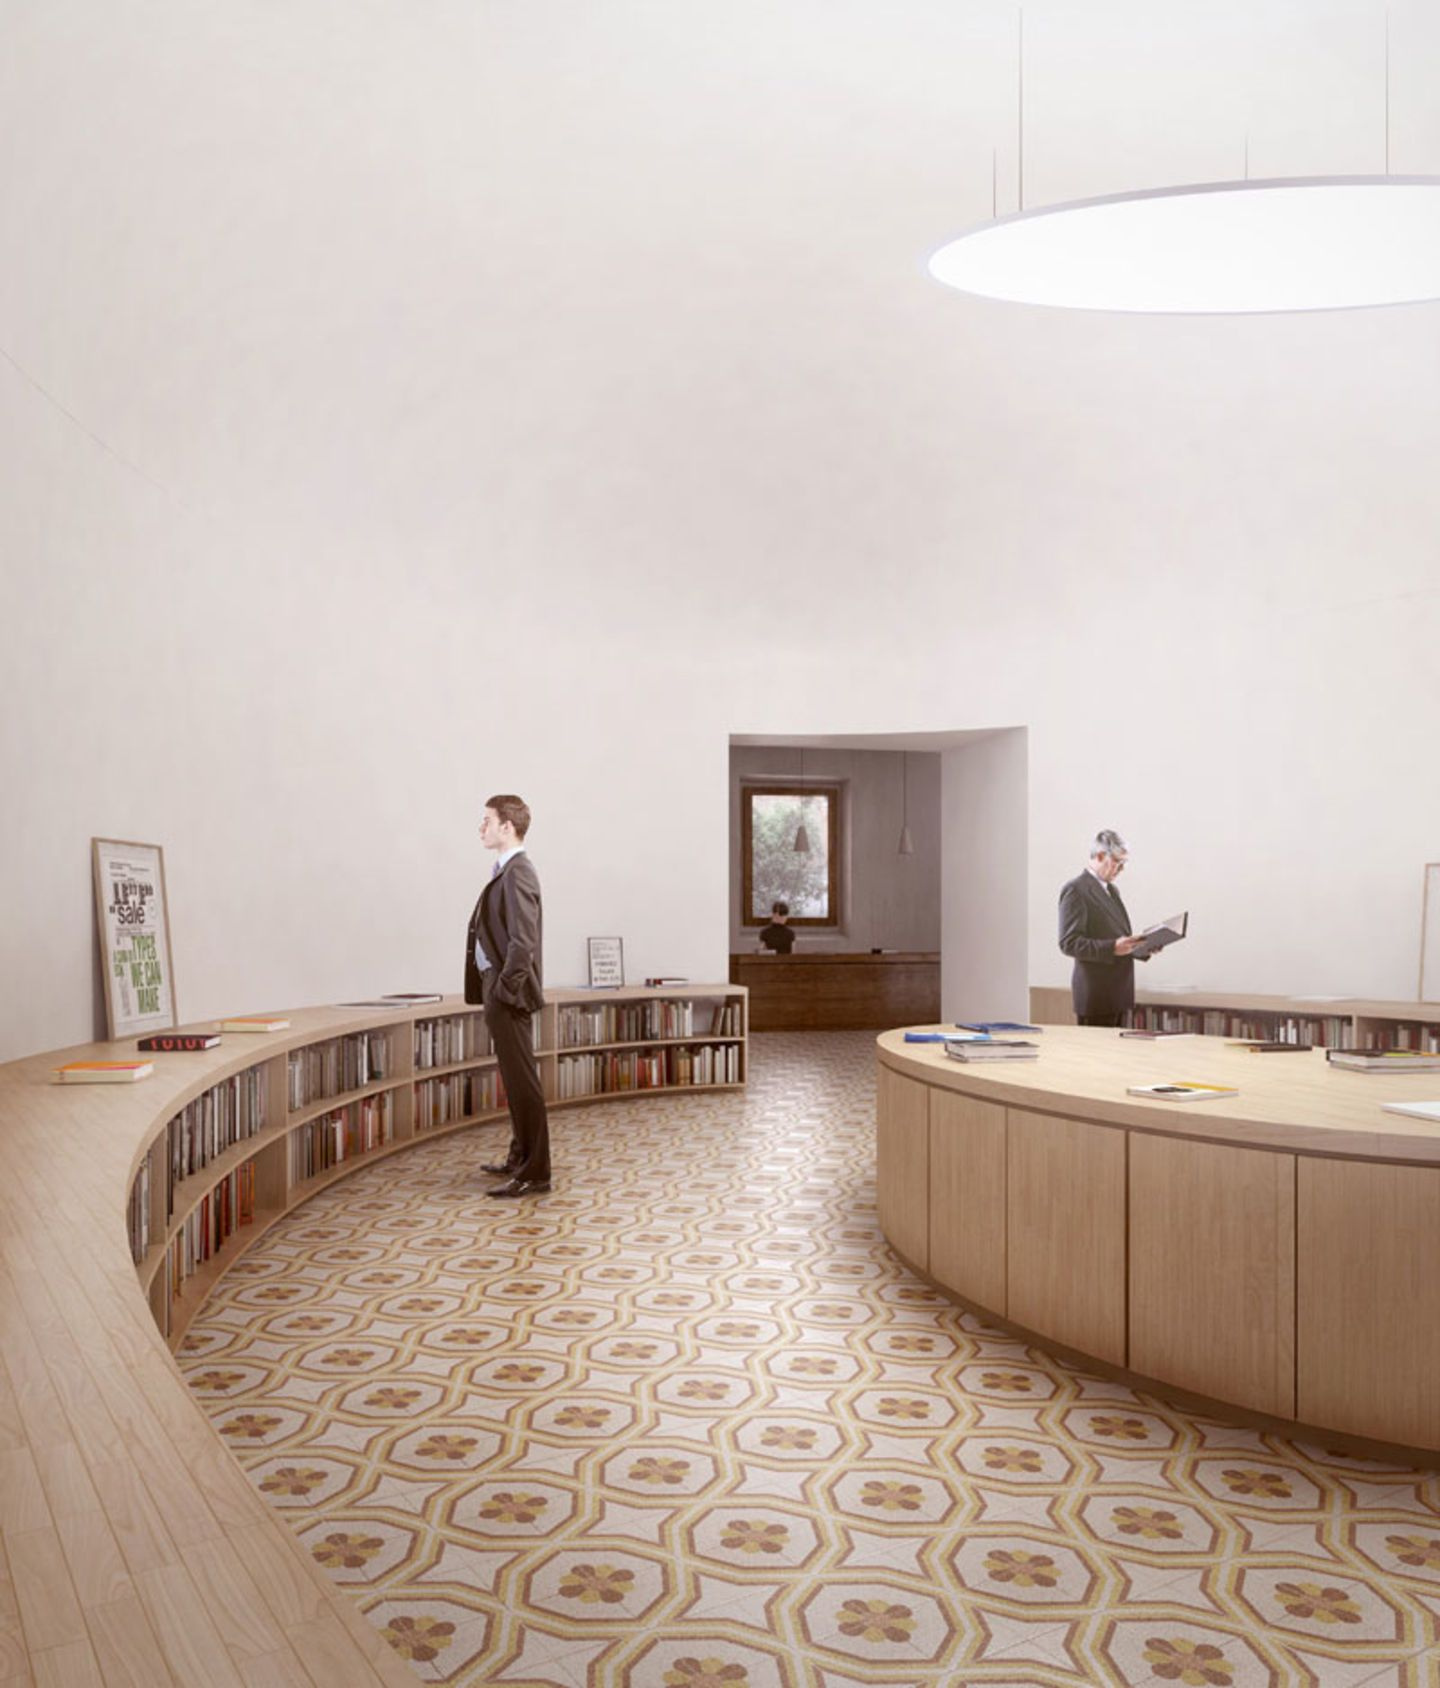 Durisch nolli intarsia divisare architecture for Raumgestaltung planer